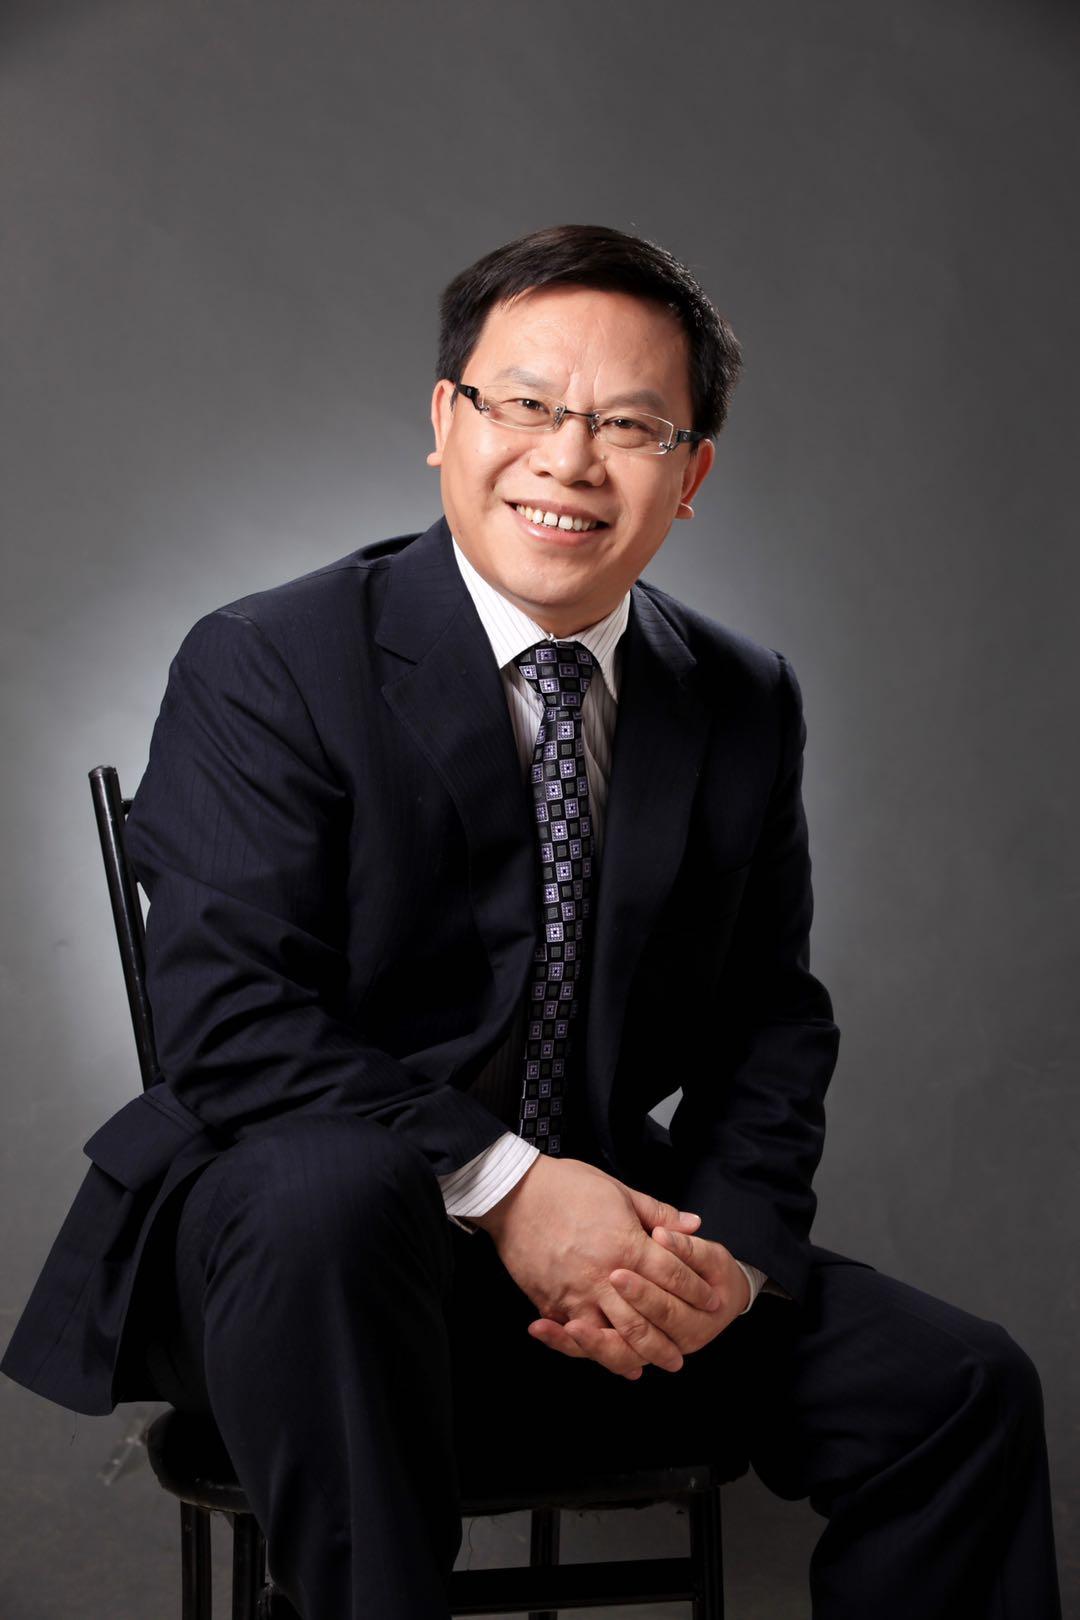 清华大学邓志东:科创板有望出现下一个华为,蚂蚁上市将带来马太效应